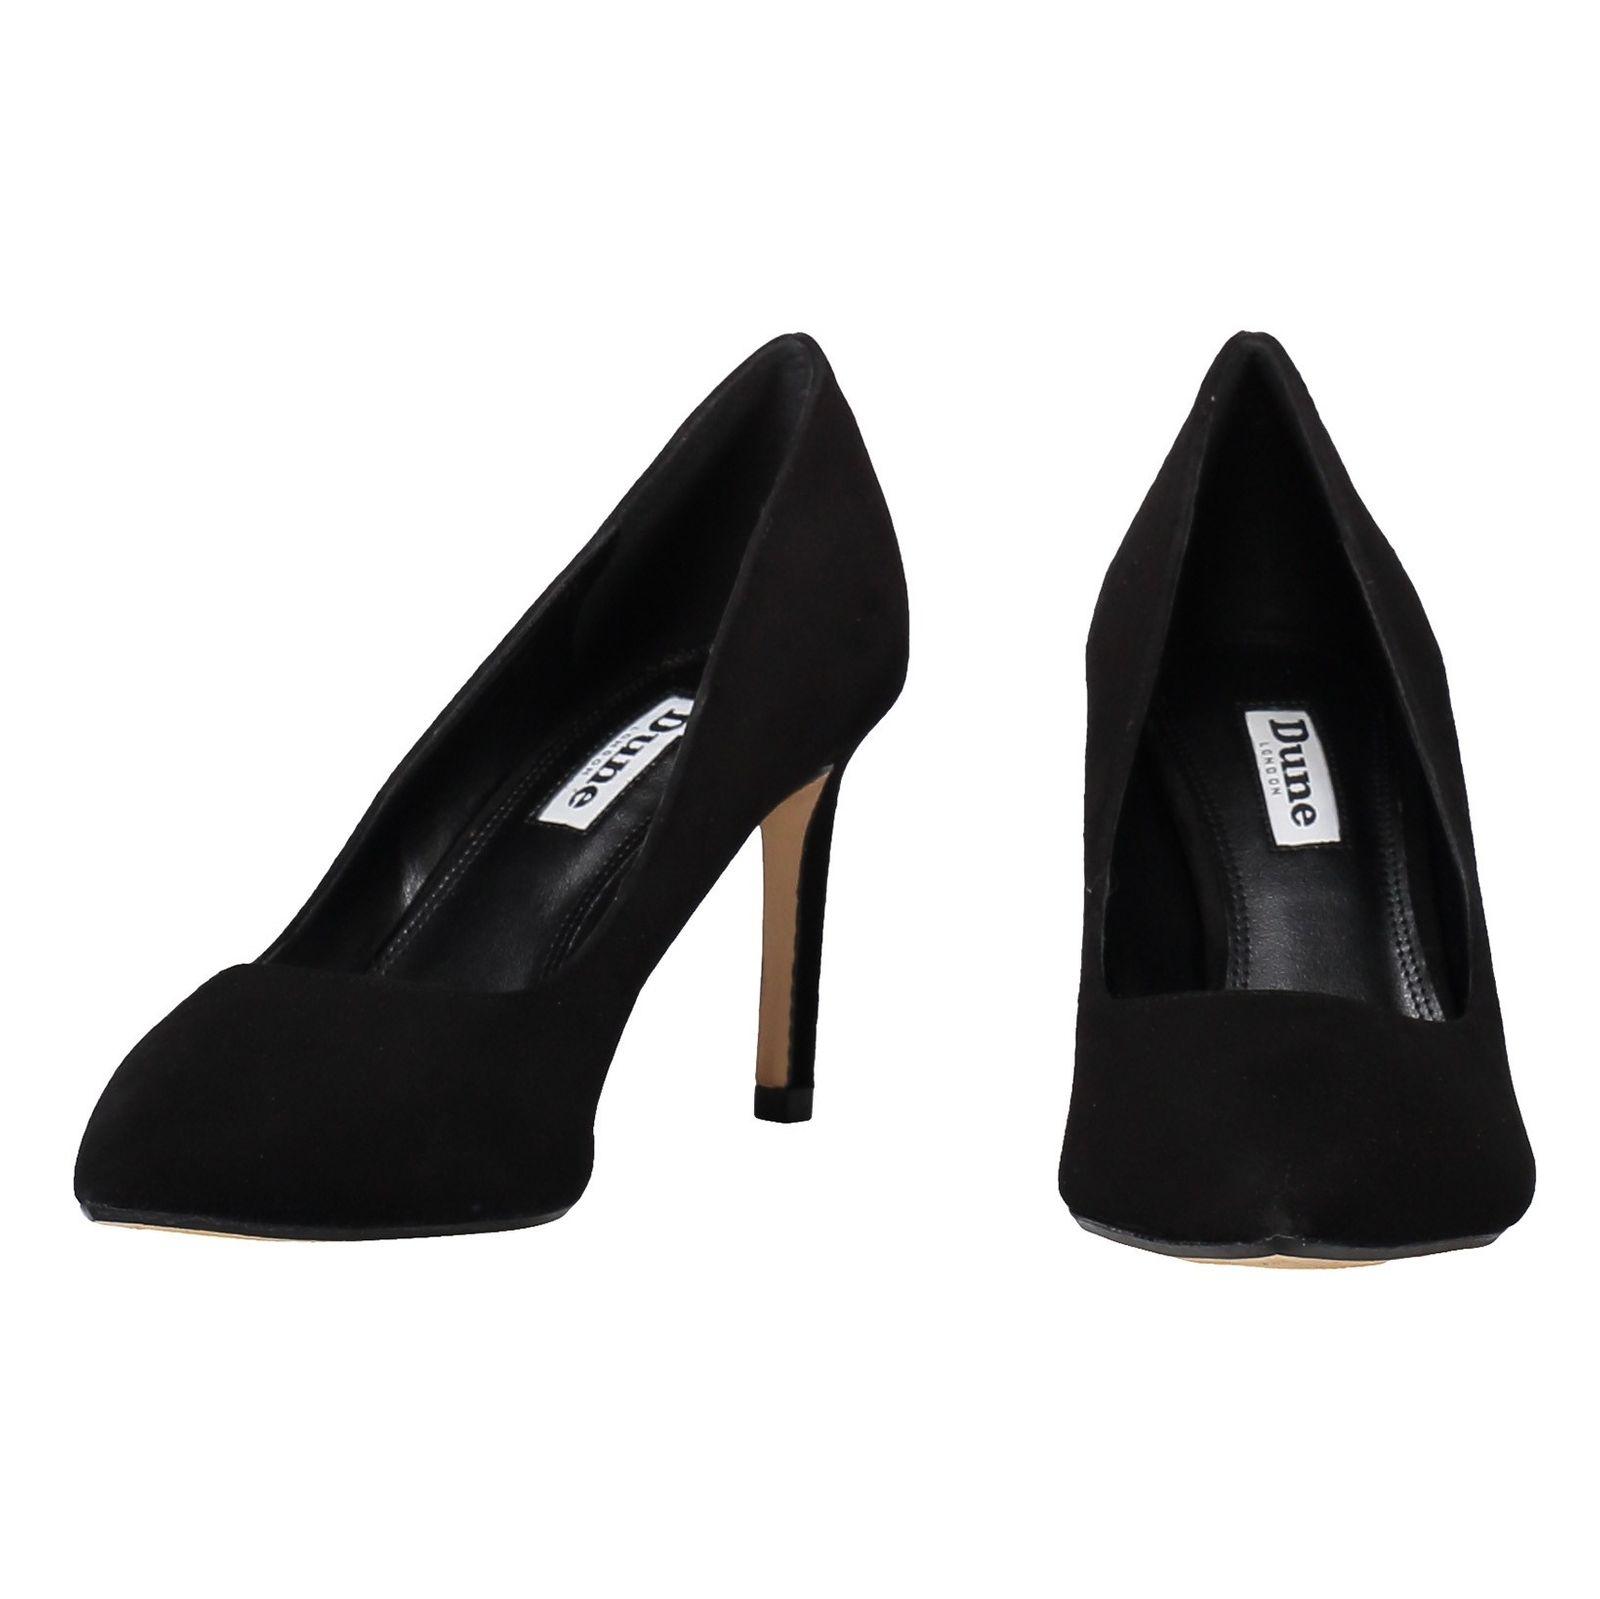 کفش پاشنه بلند جیر زنانه - دون لندن - مشکي - 4